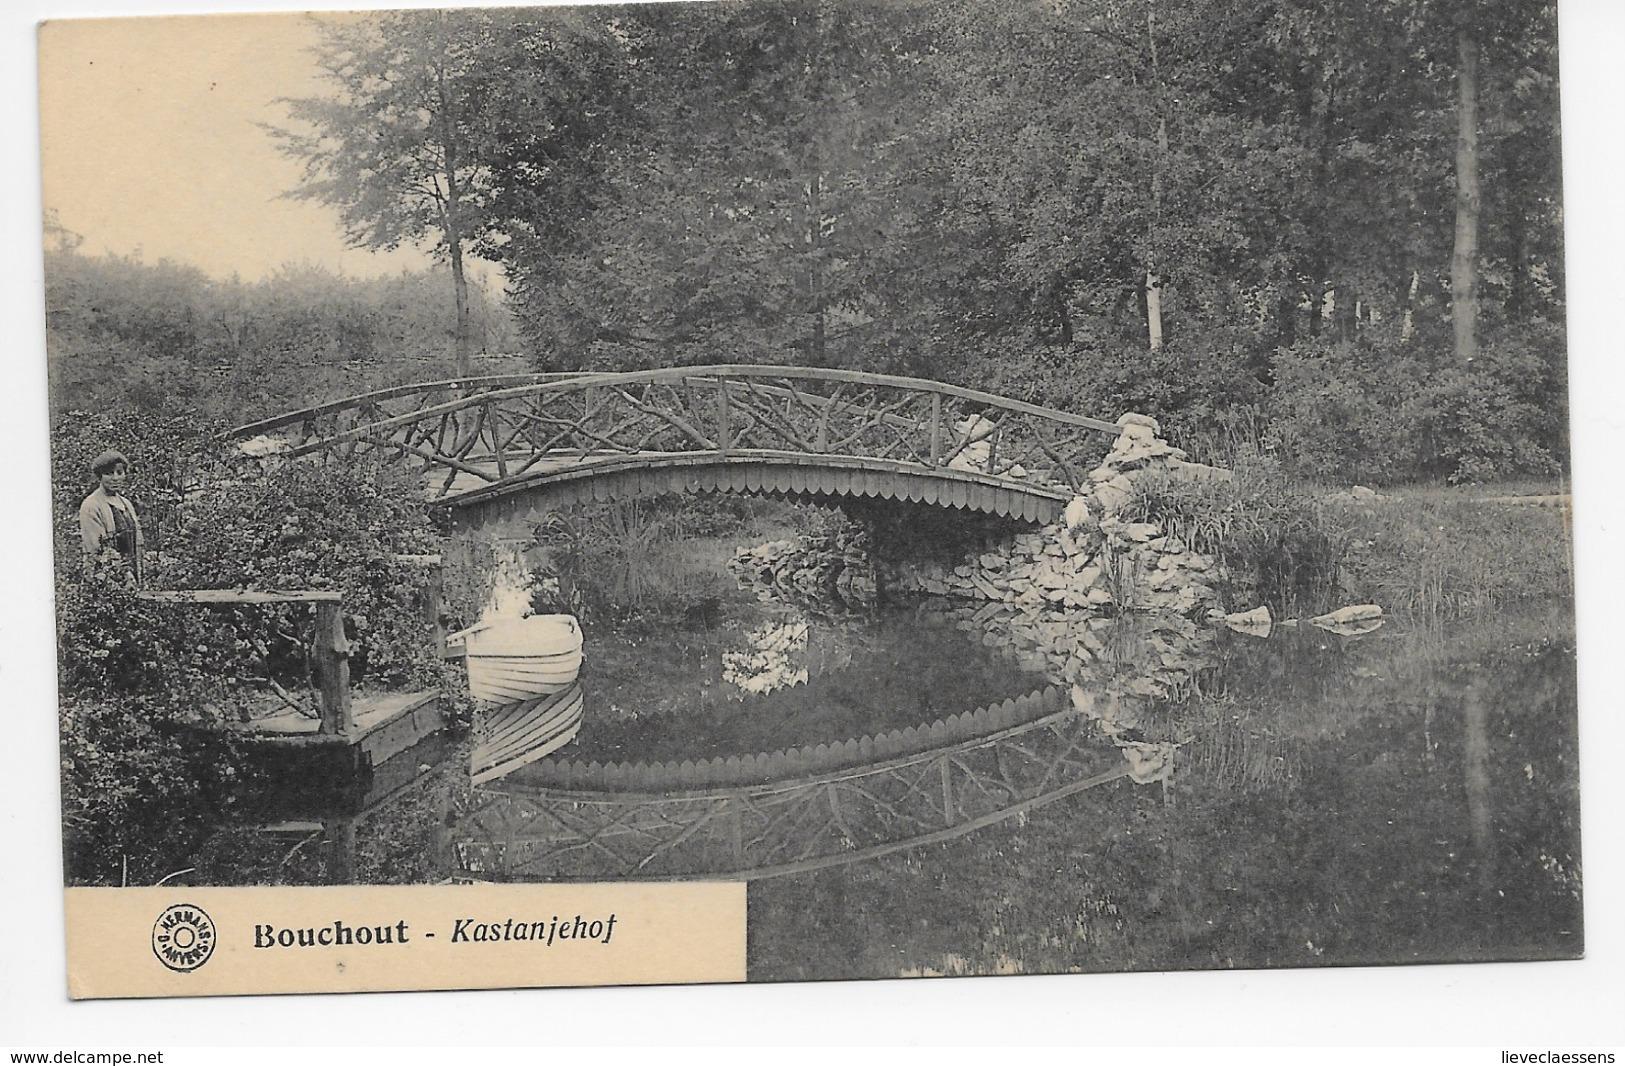 Bouchout Kastanjehof - Boechout